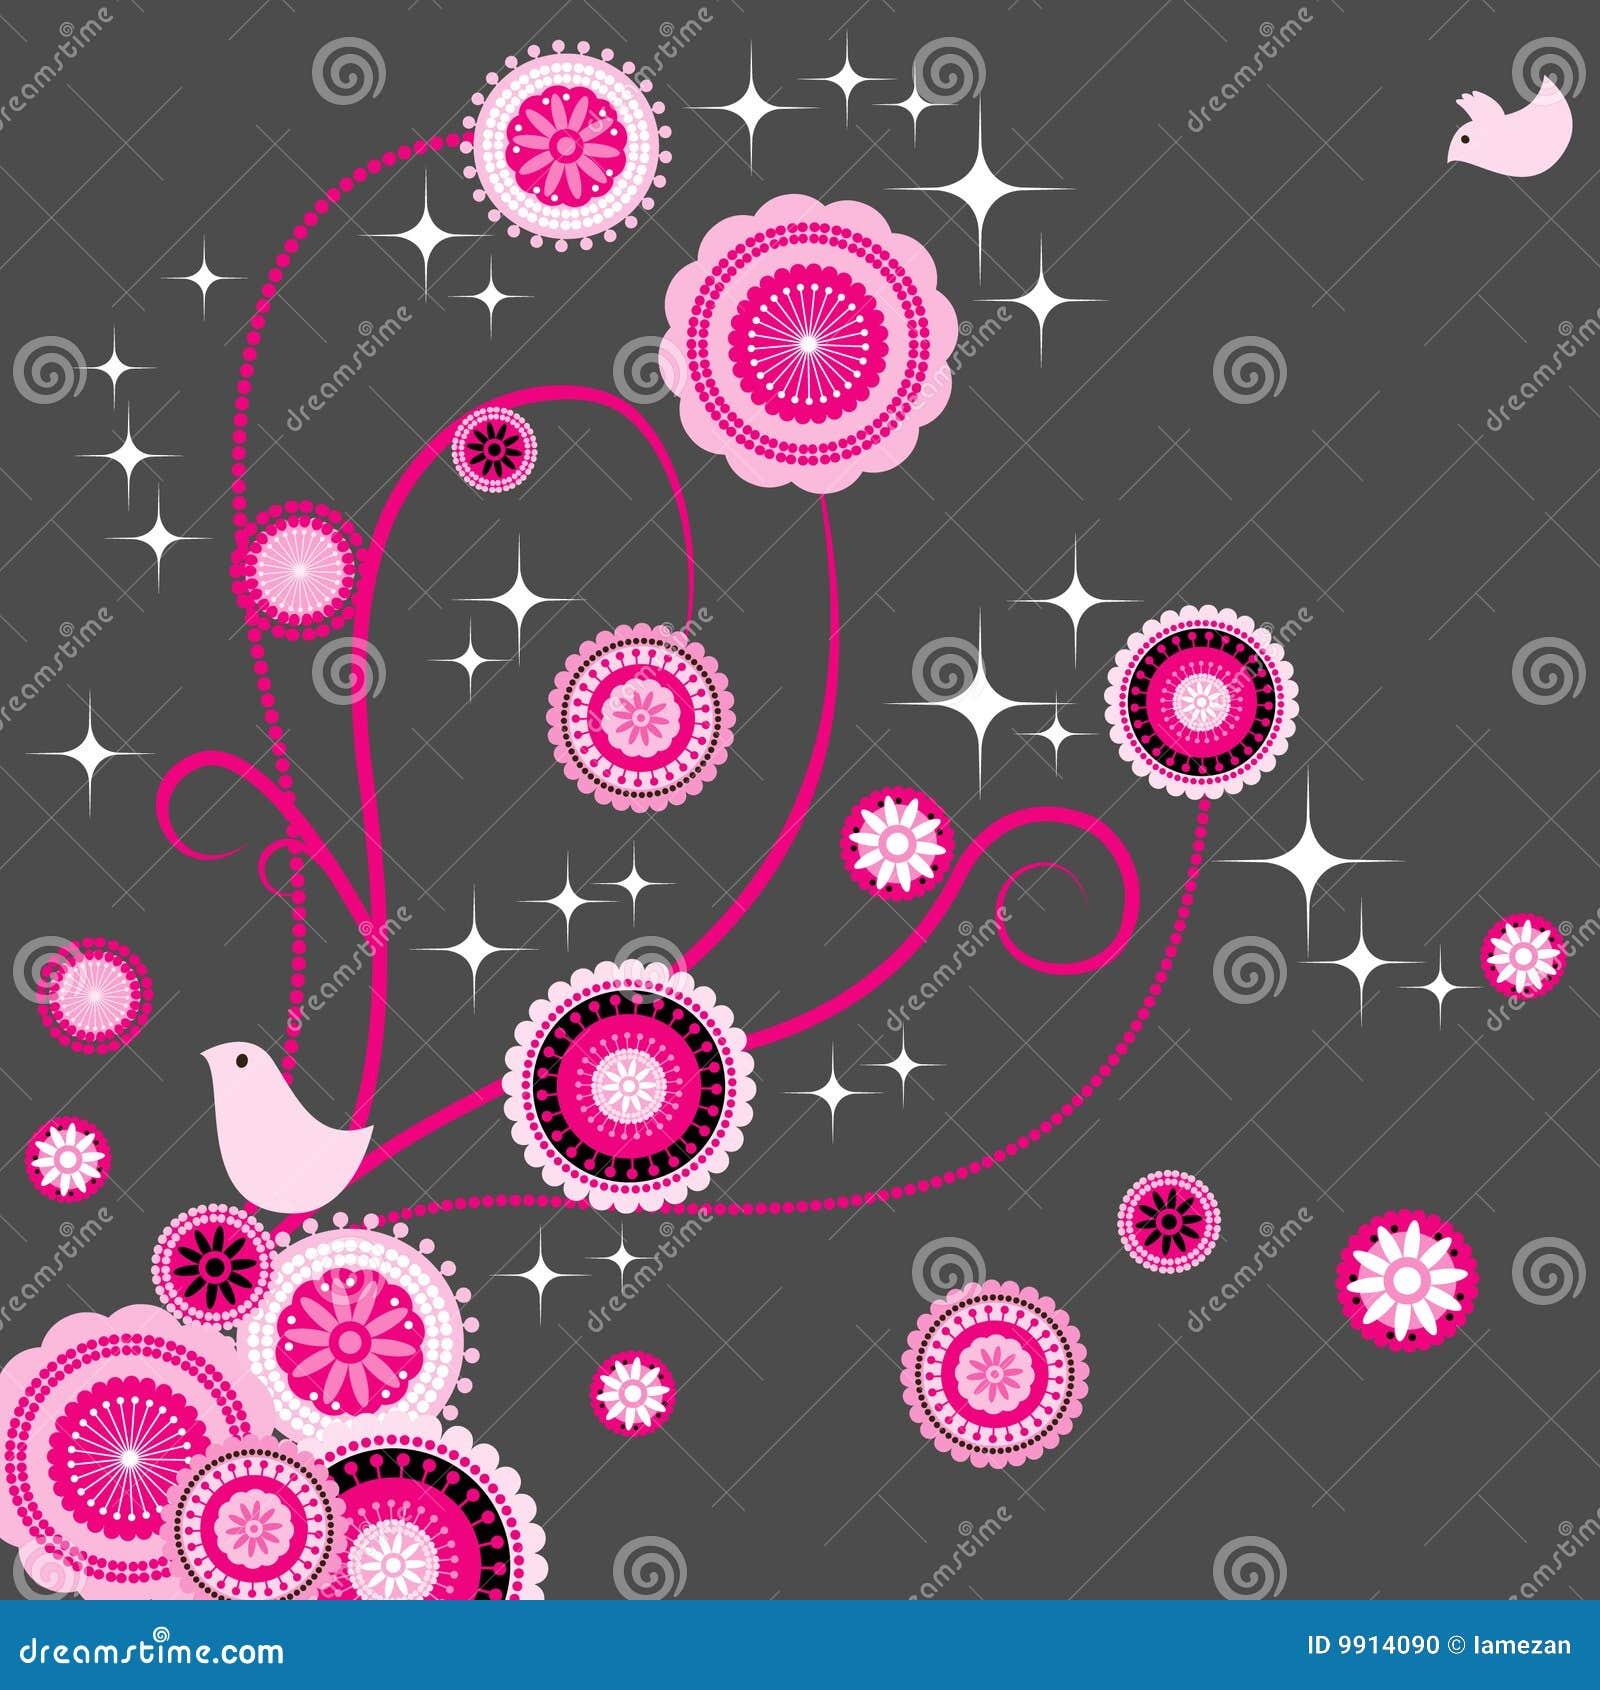 Vogelgeliebter mit nahtloser Paisley-Blume